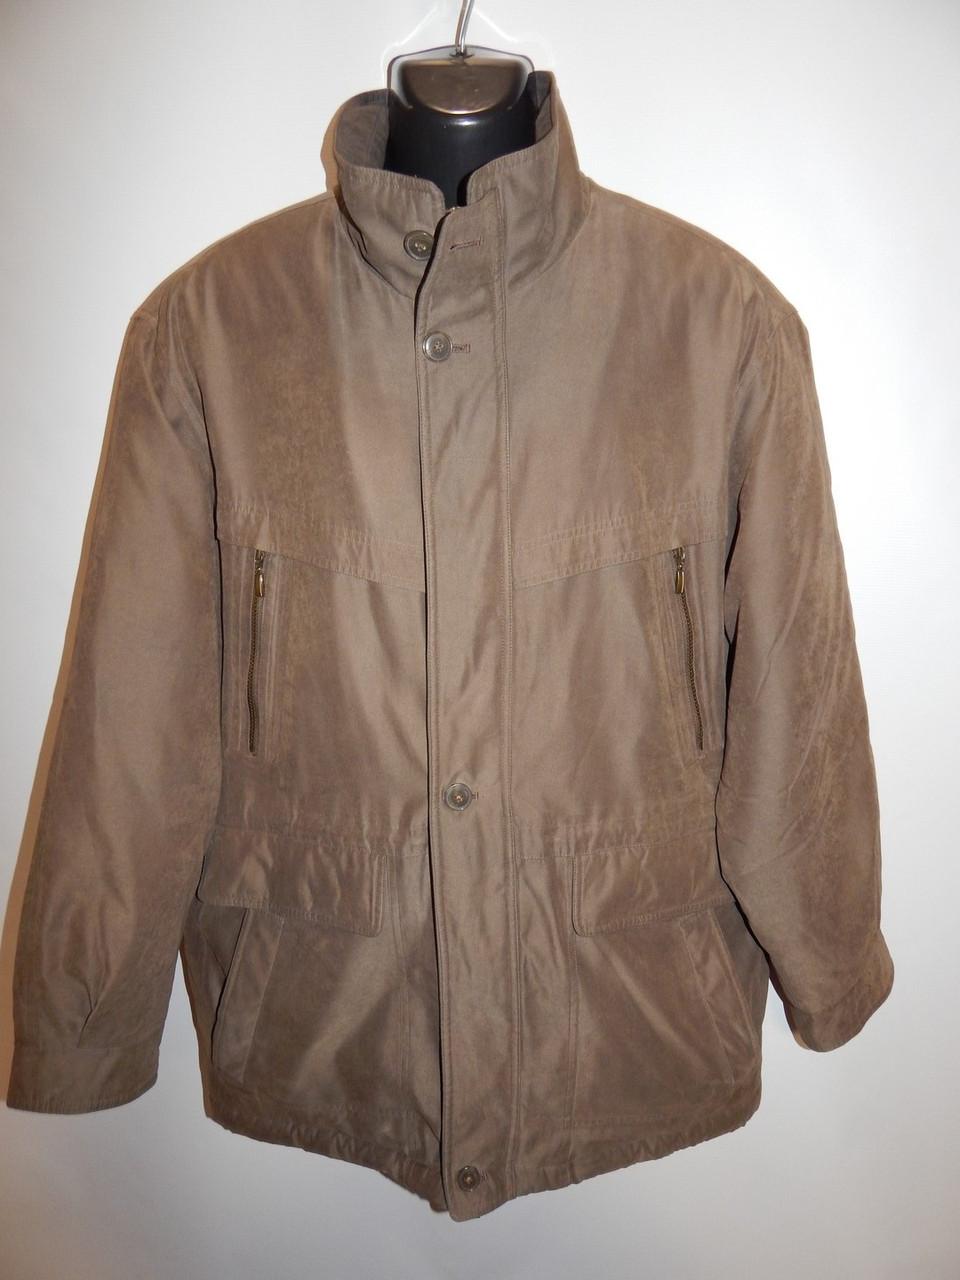 Мужская демисезонная куртка Classic micro C&A р.56 139KMD